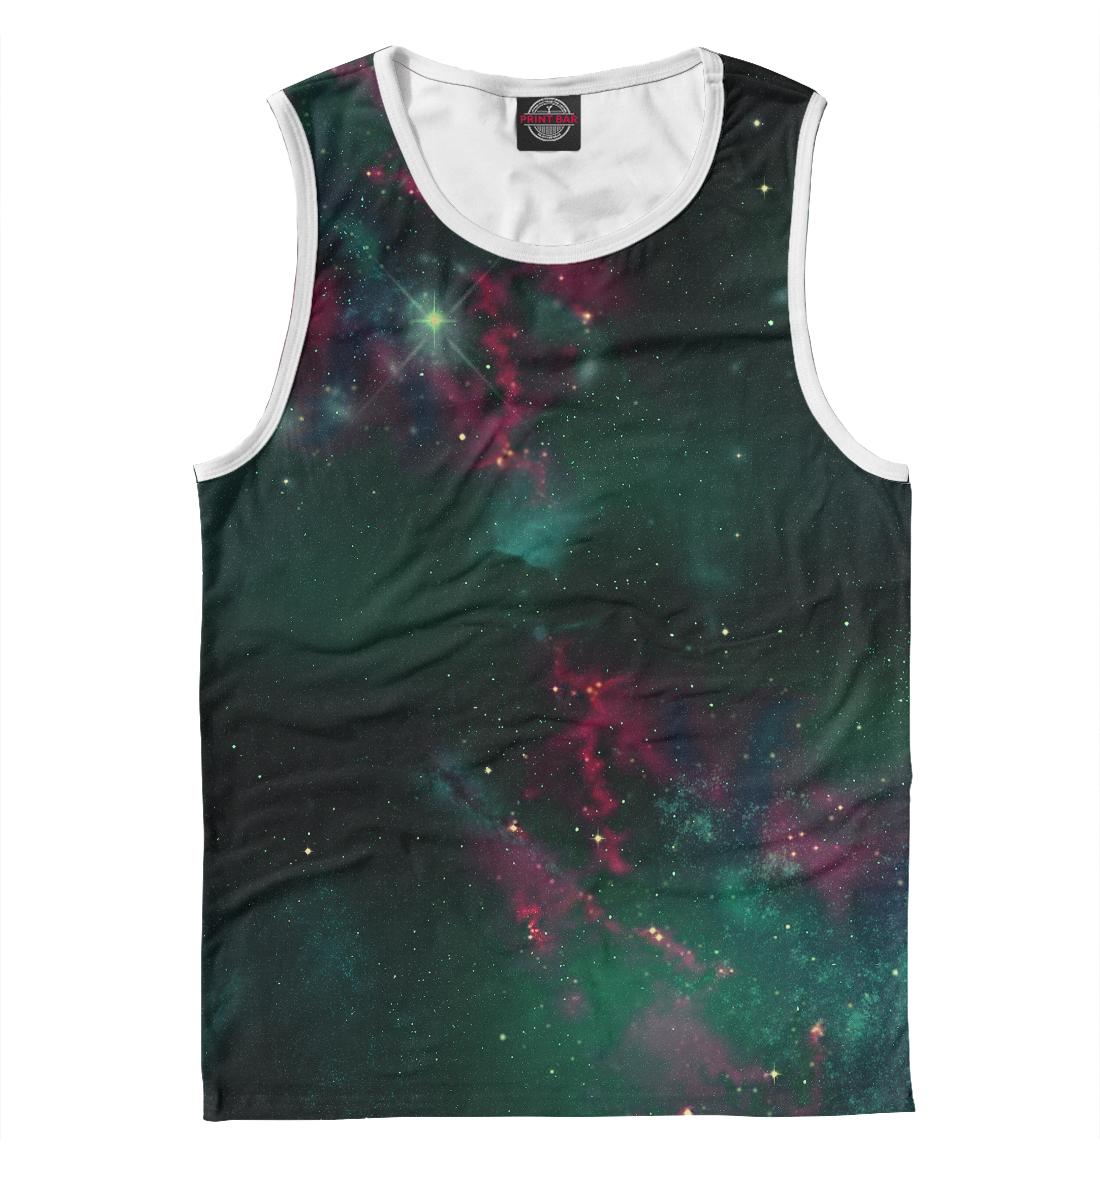 Купить Звёздный путь, Printbar, Майки, SPA-218743-may-2